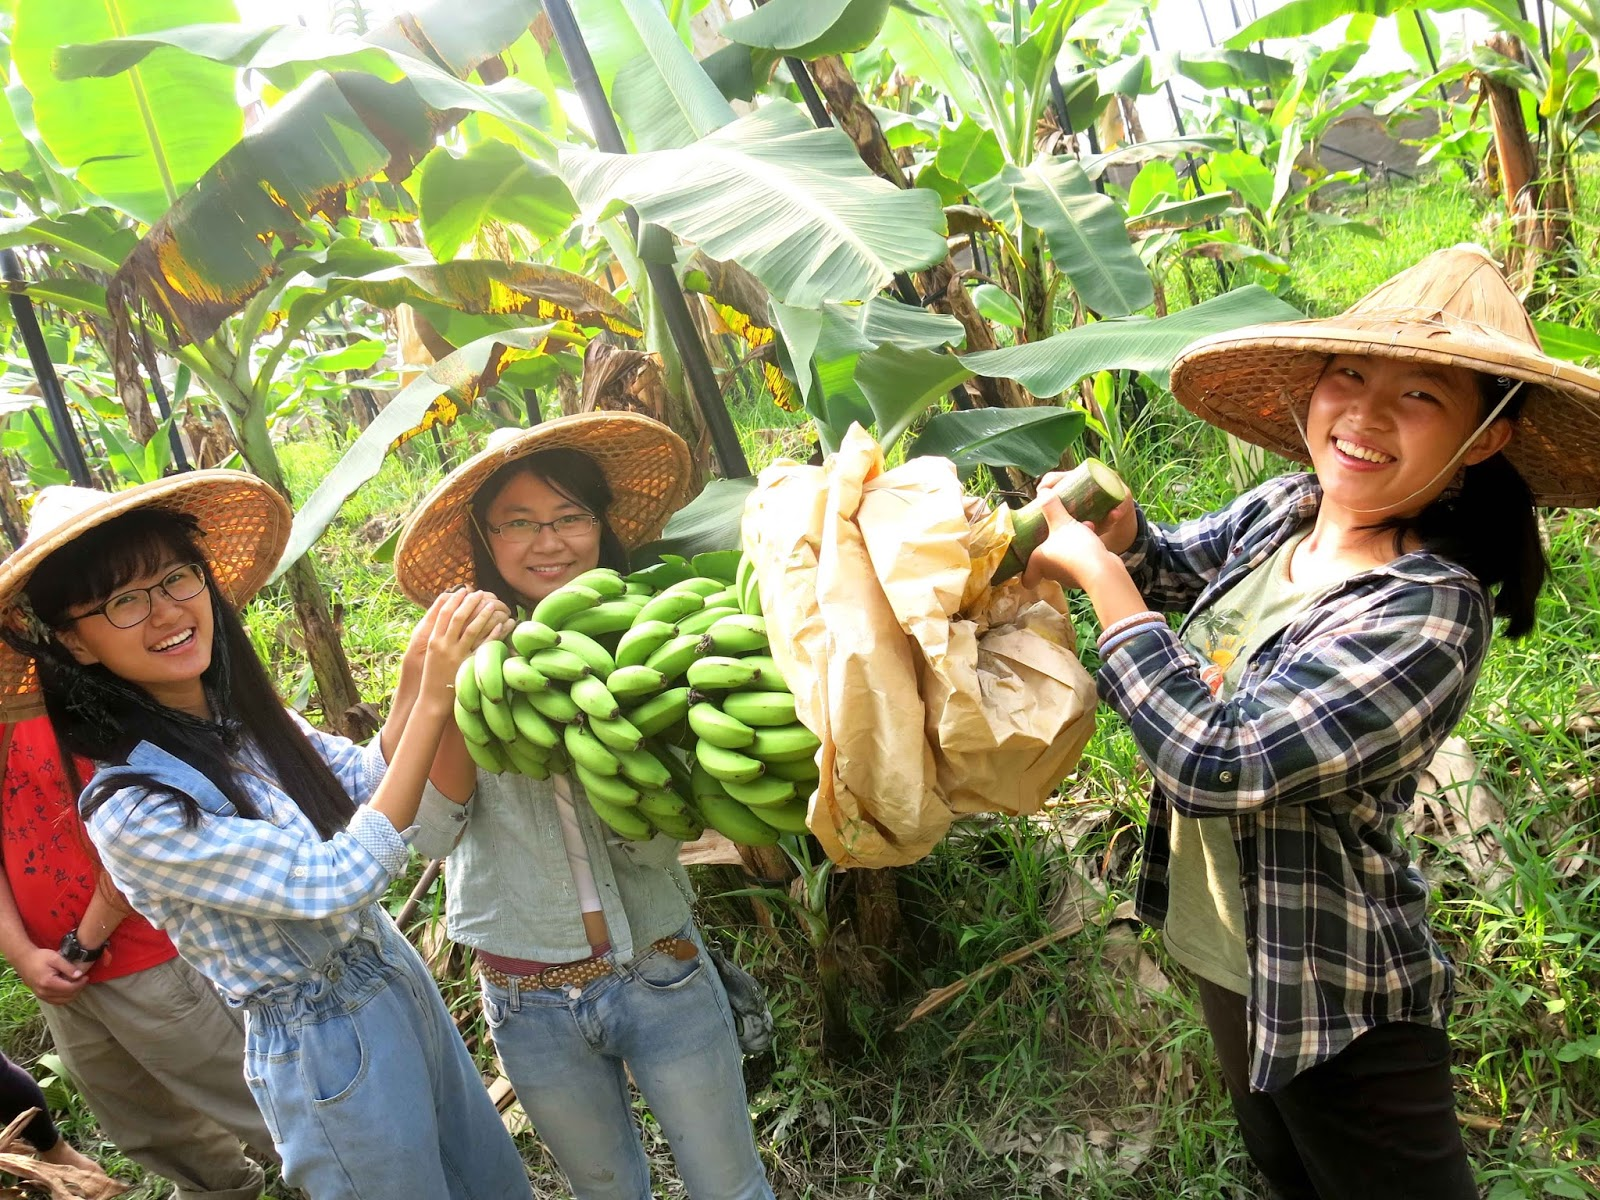 「臺灣香蕉」─旗山的生命樂章@ 諸緣來去何增減?笑擁斜陽照海天。。。 PChome 個人新聞臺